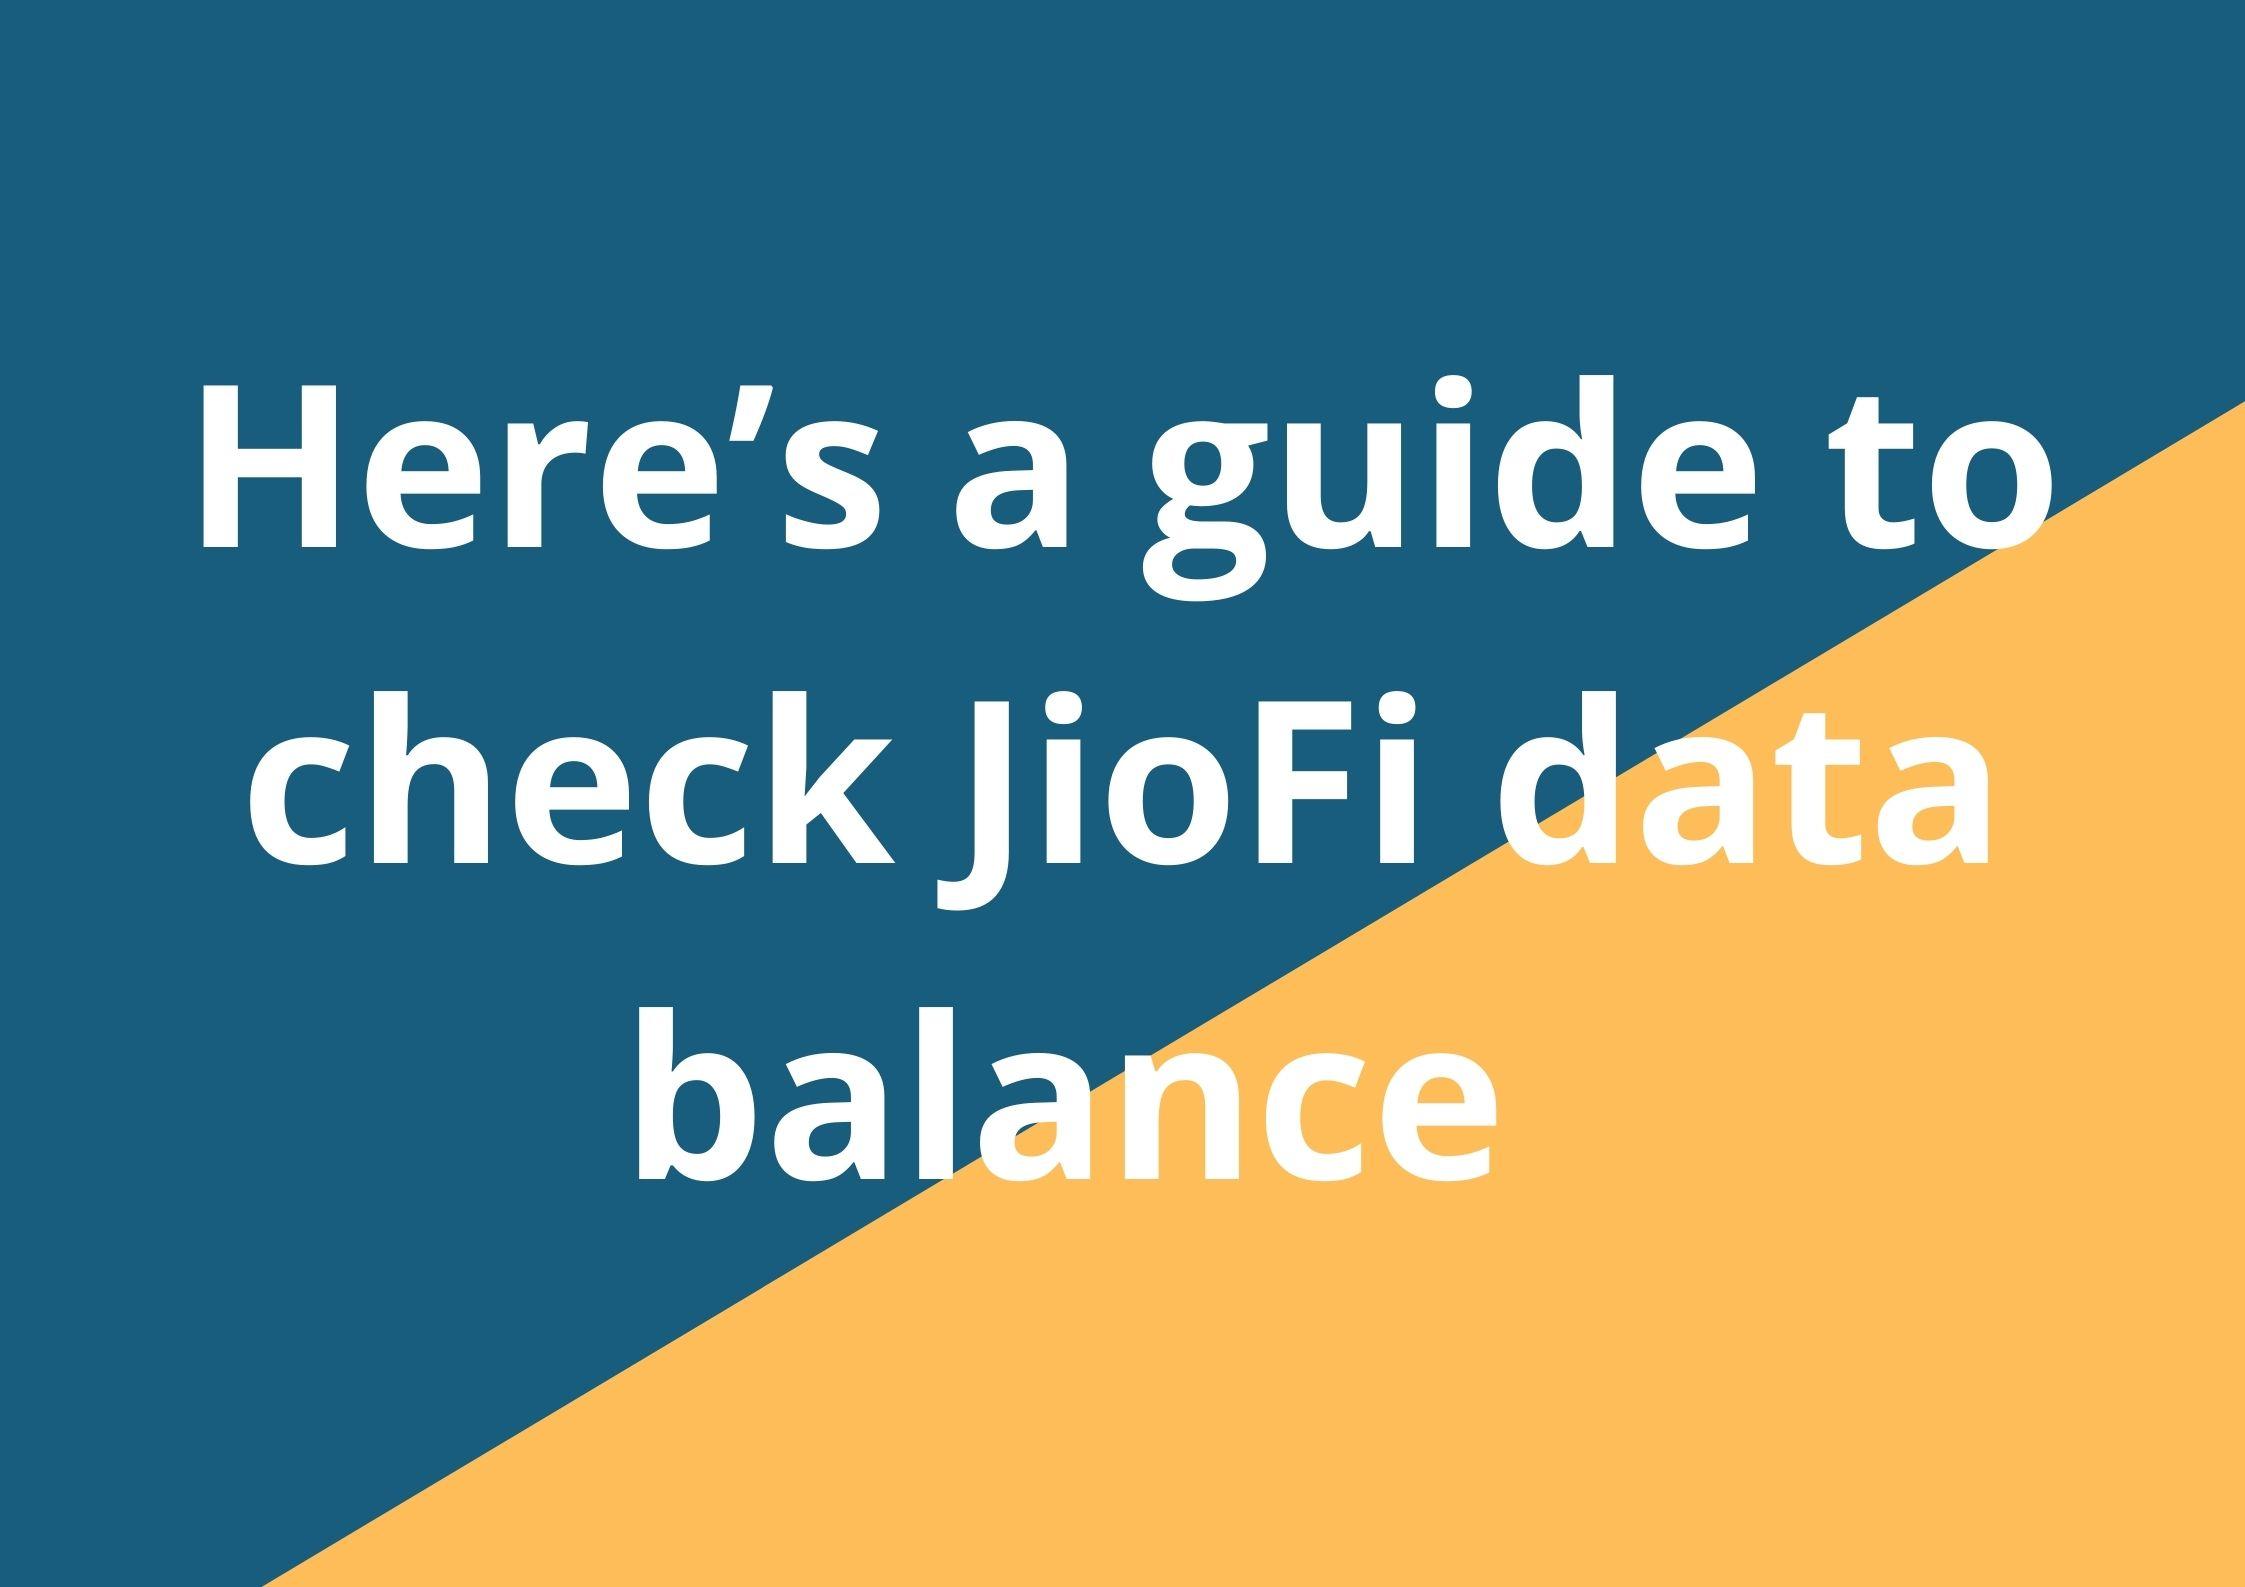 JioFi data balance